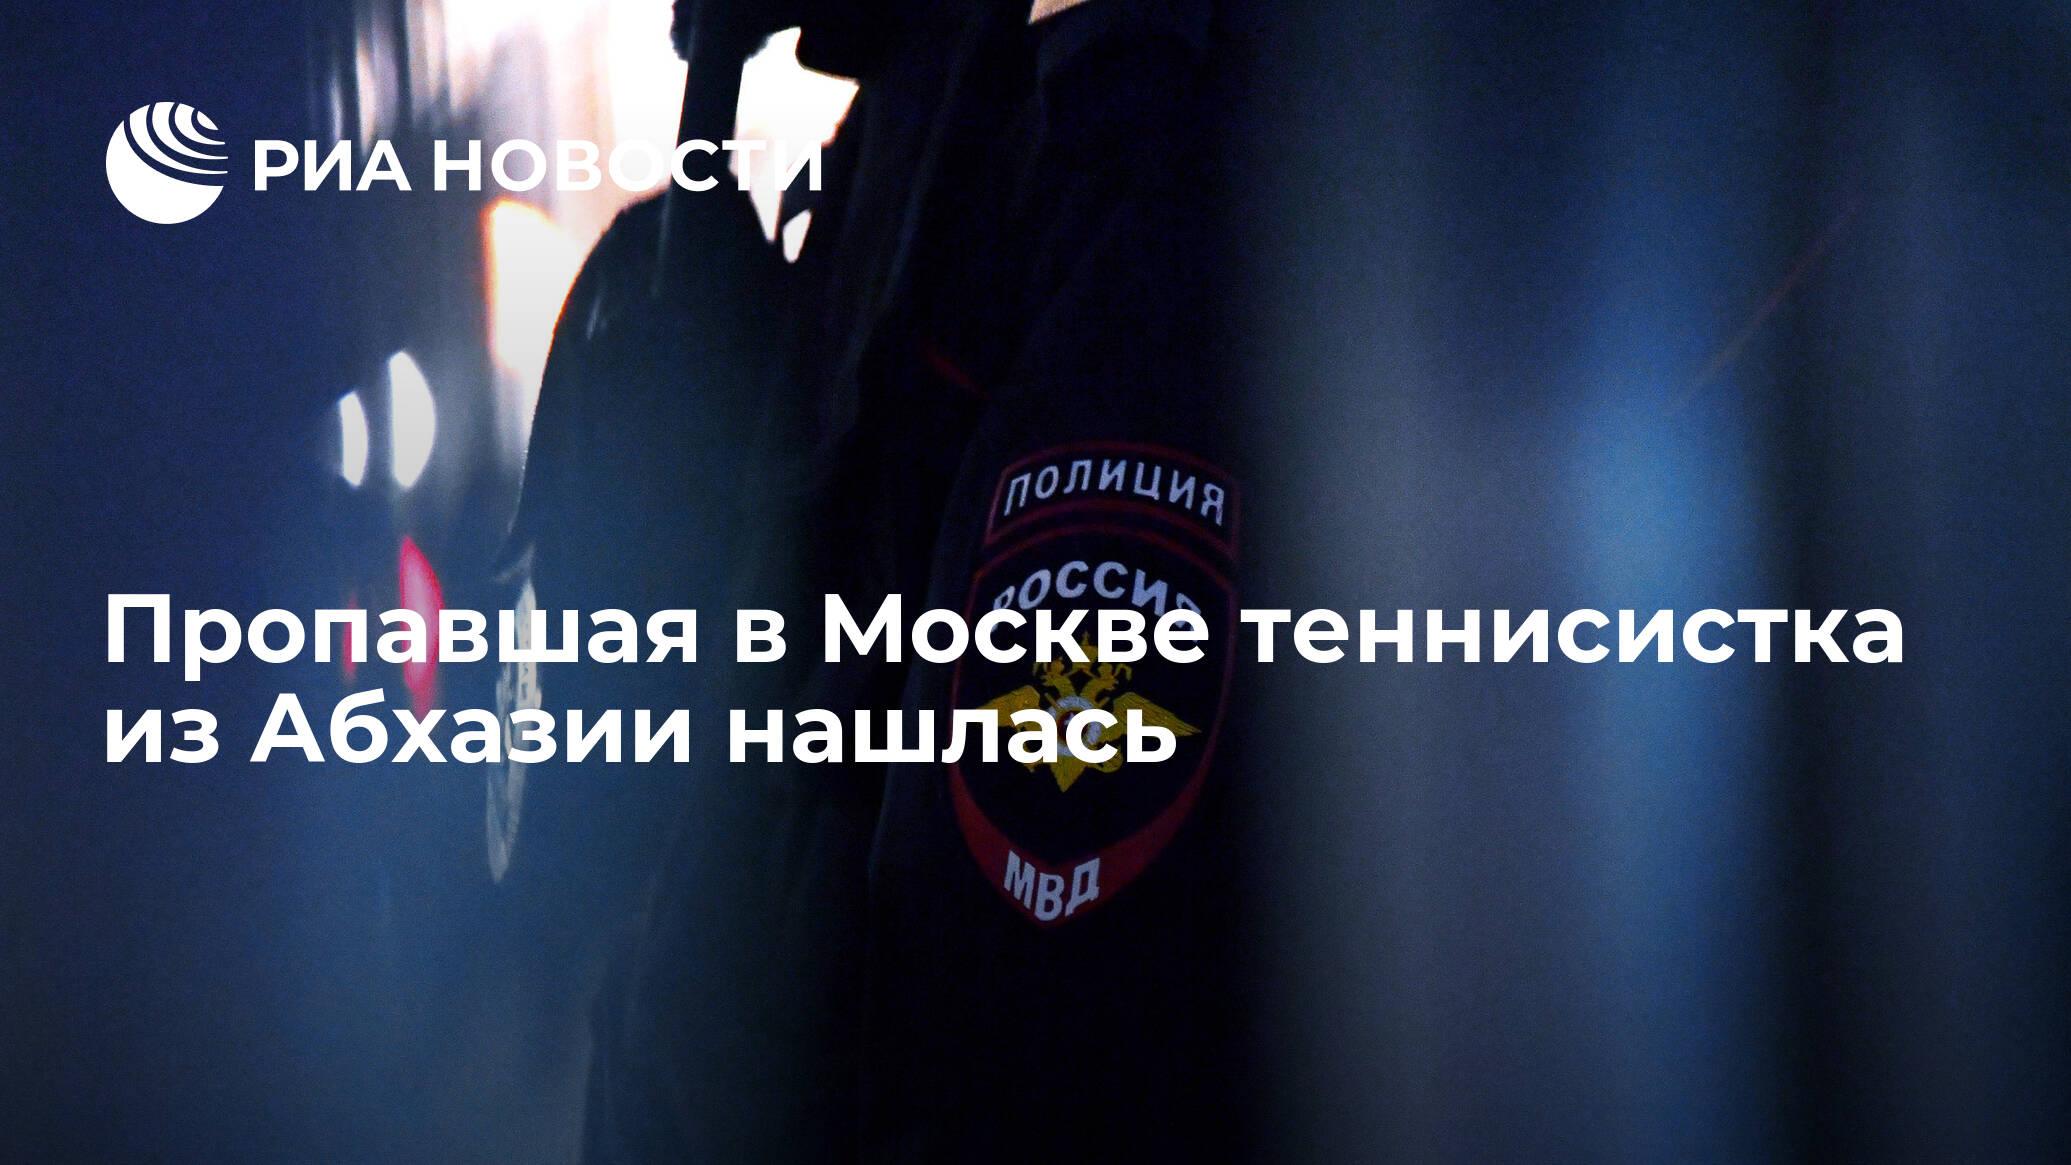 Пропавшая в Москве теннисистка из Абхазии нашлась